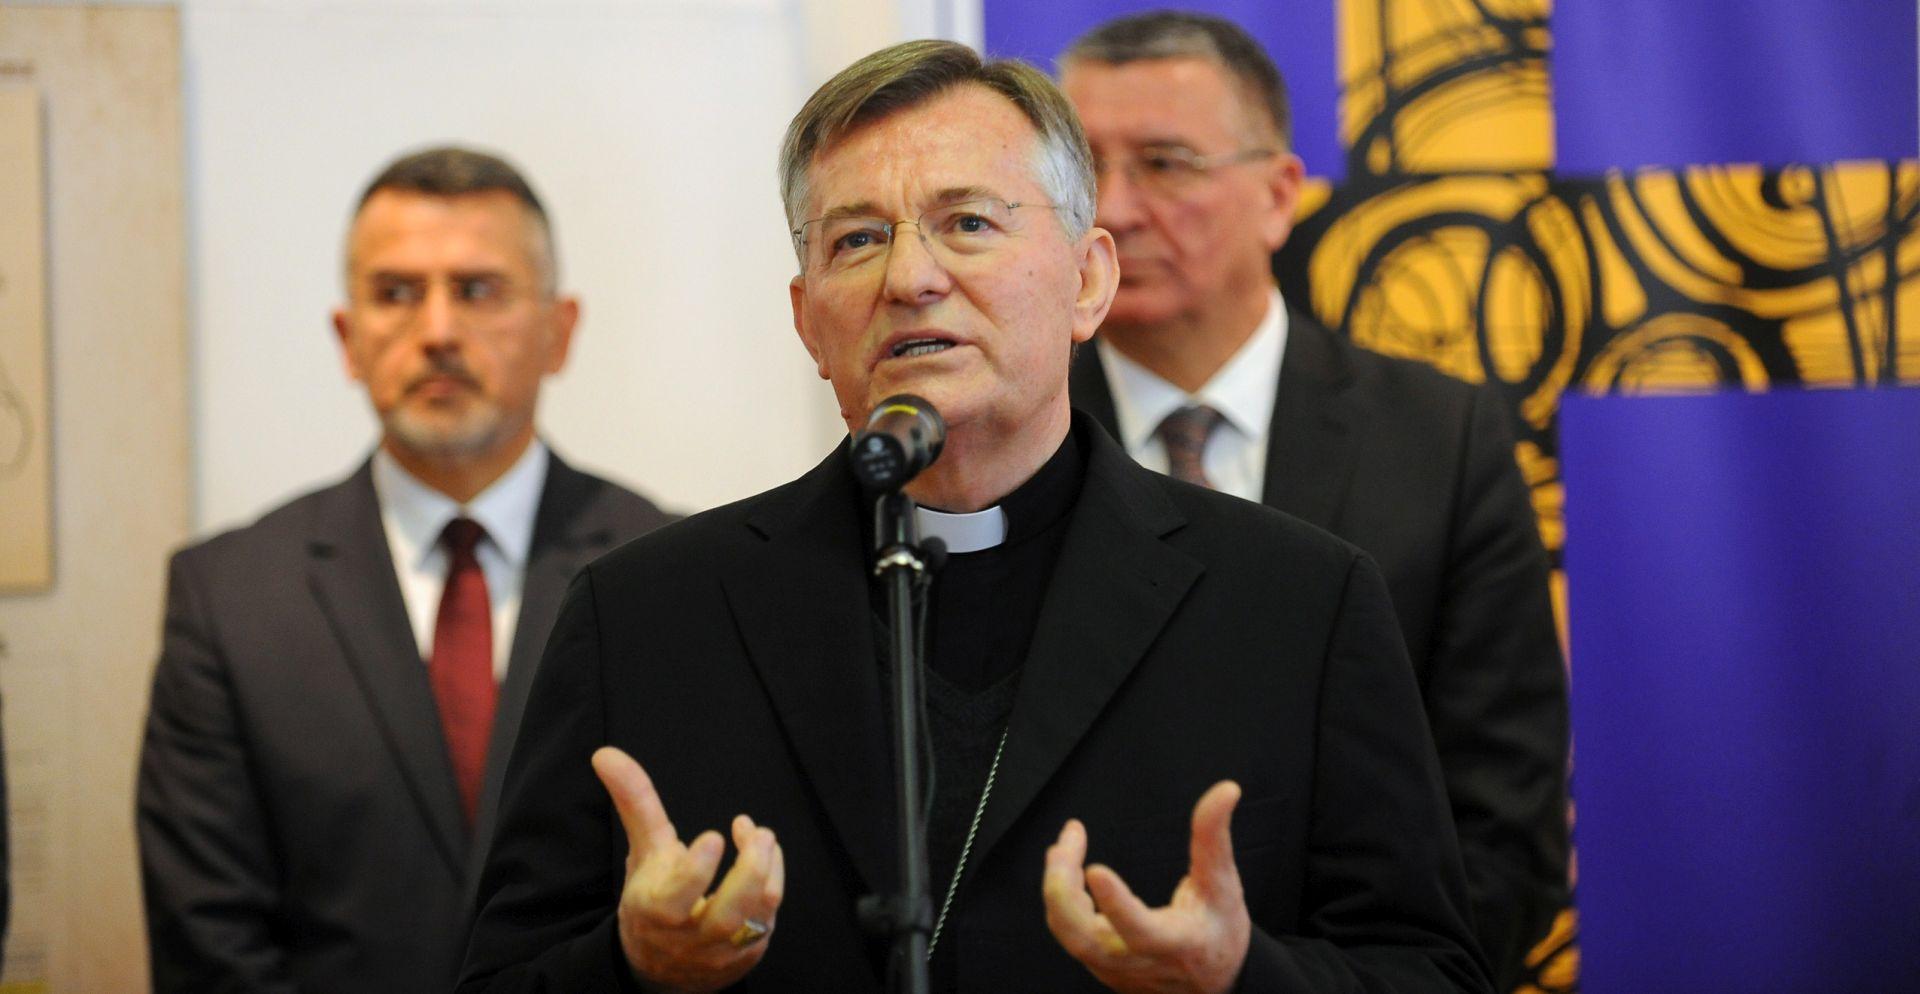 Nadbiskup Barišić: Želio bih da kardinal Stepinac bude svetac dijaloga i zajedništva